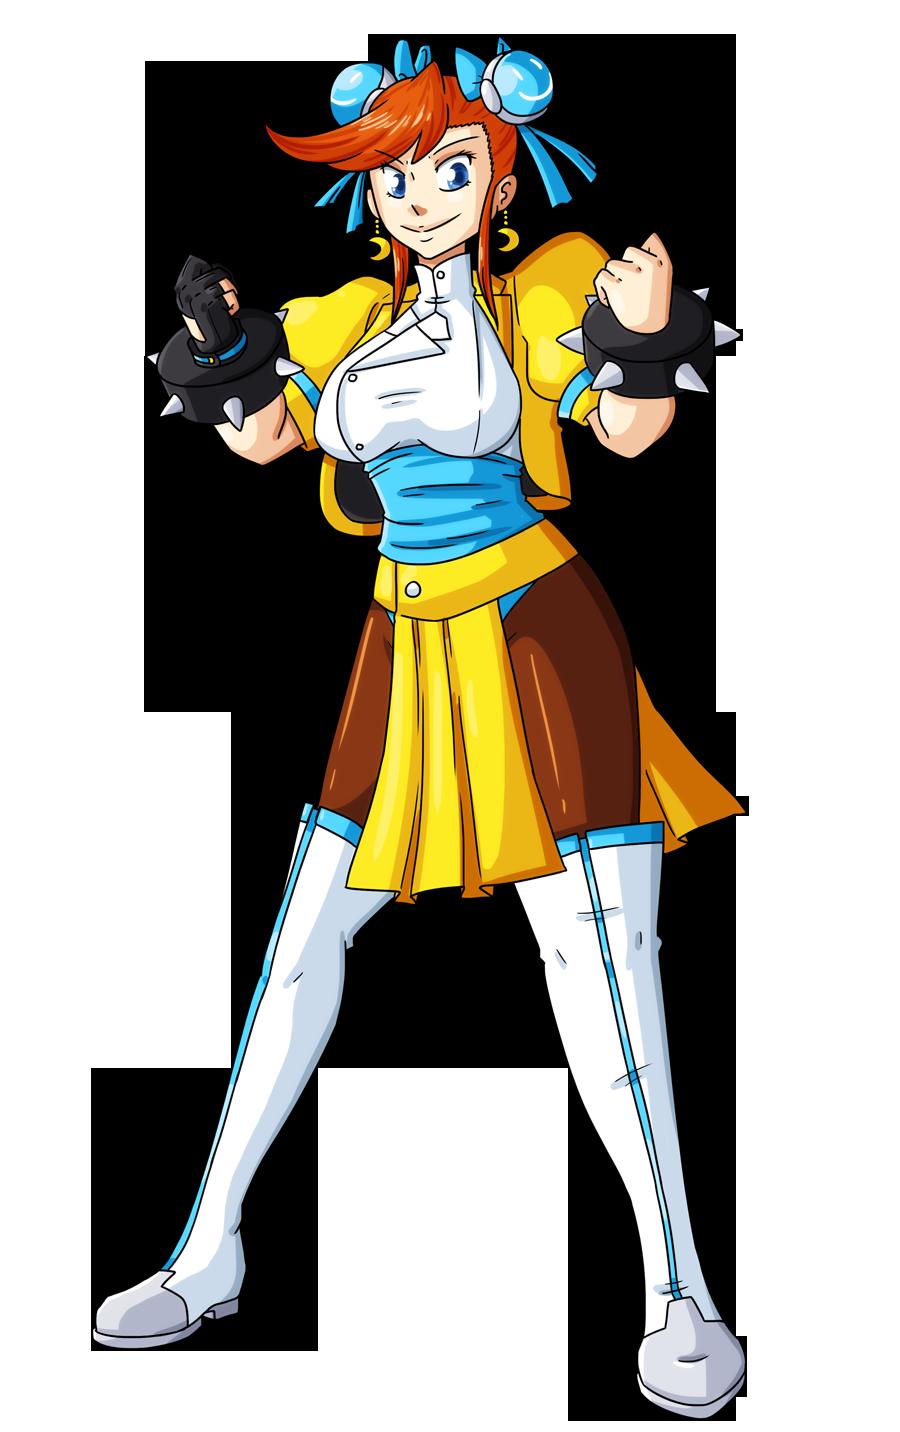 Hexafusion Meme: Athena-Li by MTC-Studio